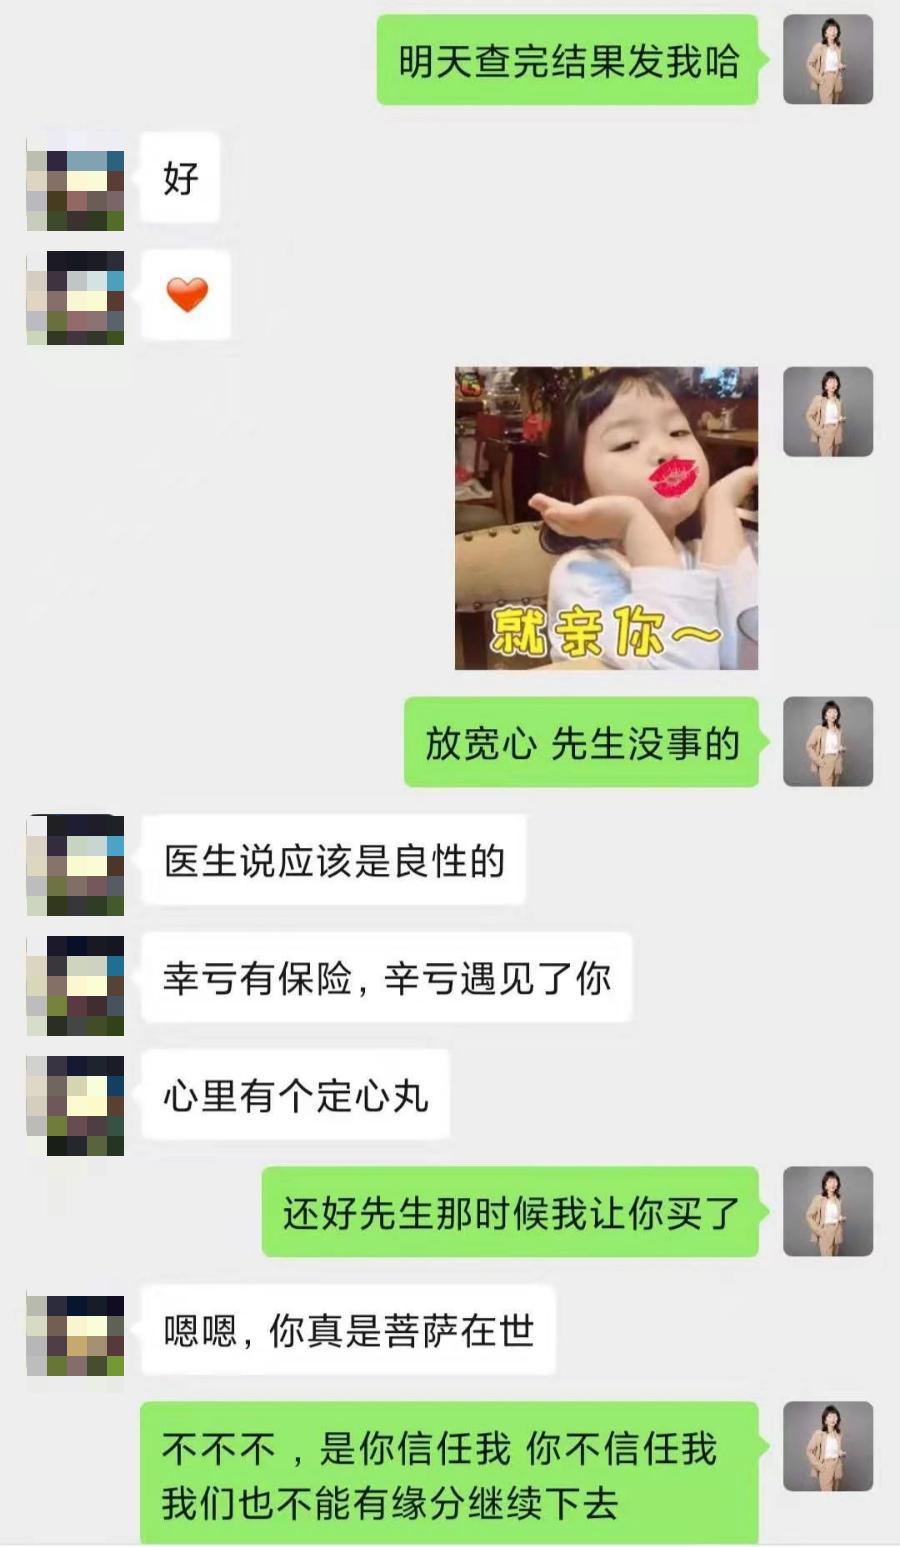 5-2 曹先生的妻子联系婕西专家,咨询安心赔事宜.png